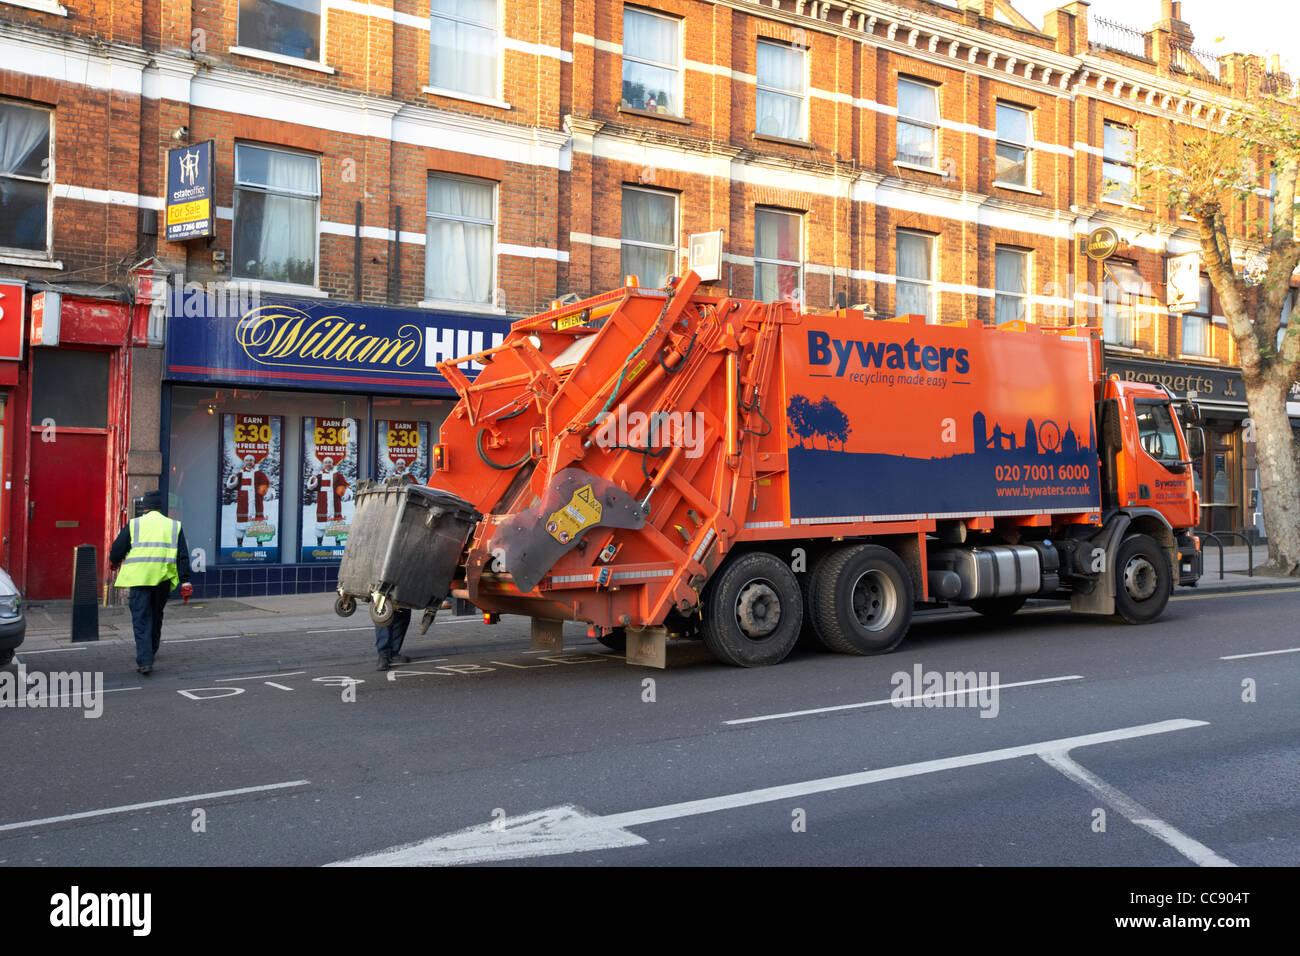 Gestión de residuos Reciclaje bywaters carretilla bin vaciando Londres England Reino Unido Reino Unido Imagen De Stock